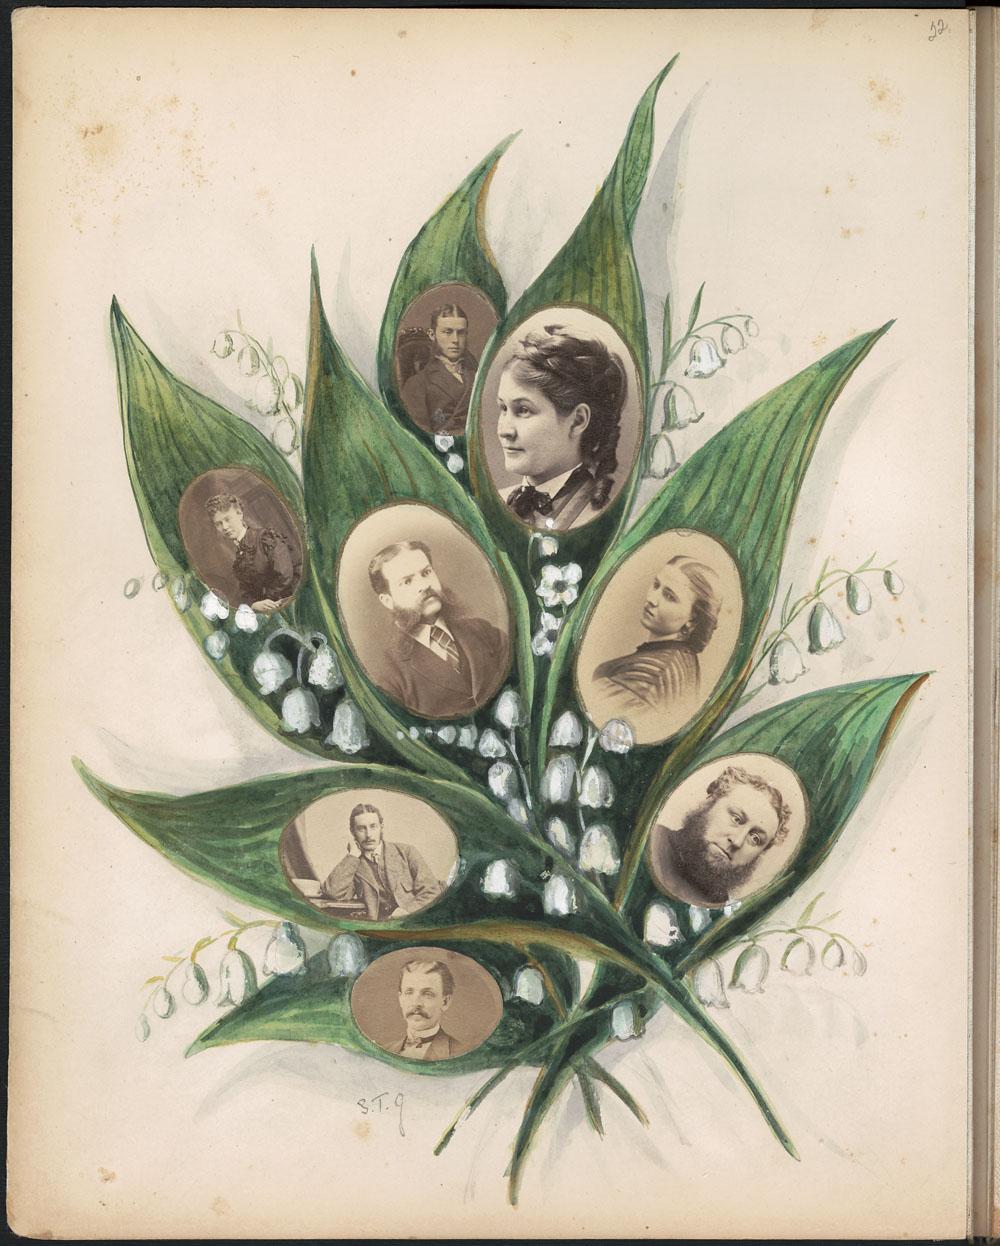 Page d'album montrant huit photos d'hommes et de femmes au milieu de feuilles vertes d'où émergent de petites fleurs blanches